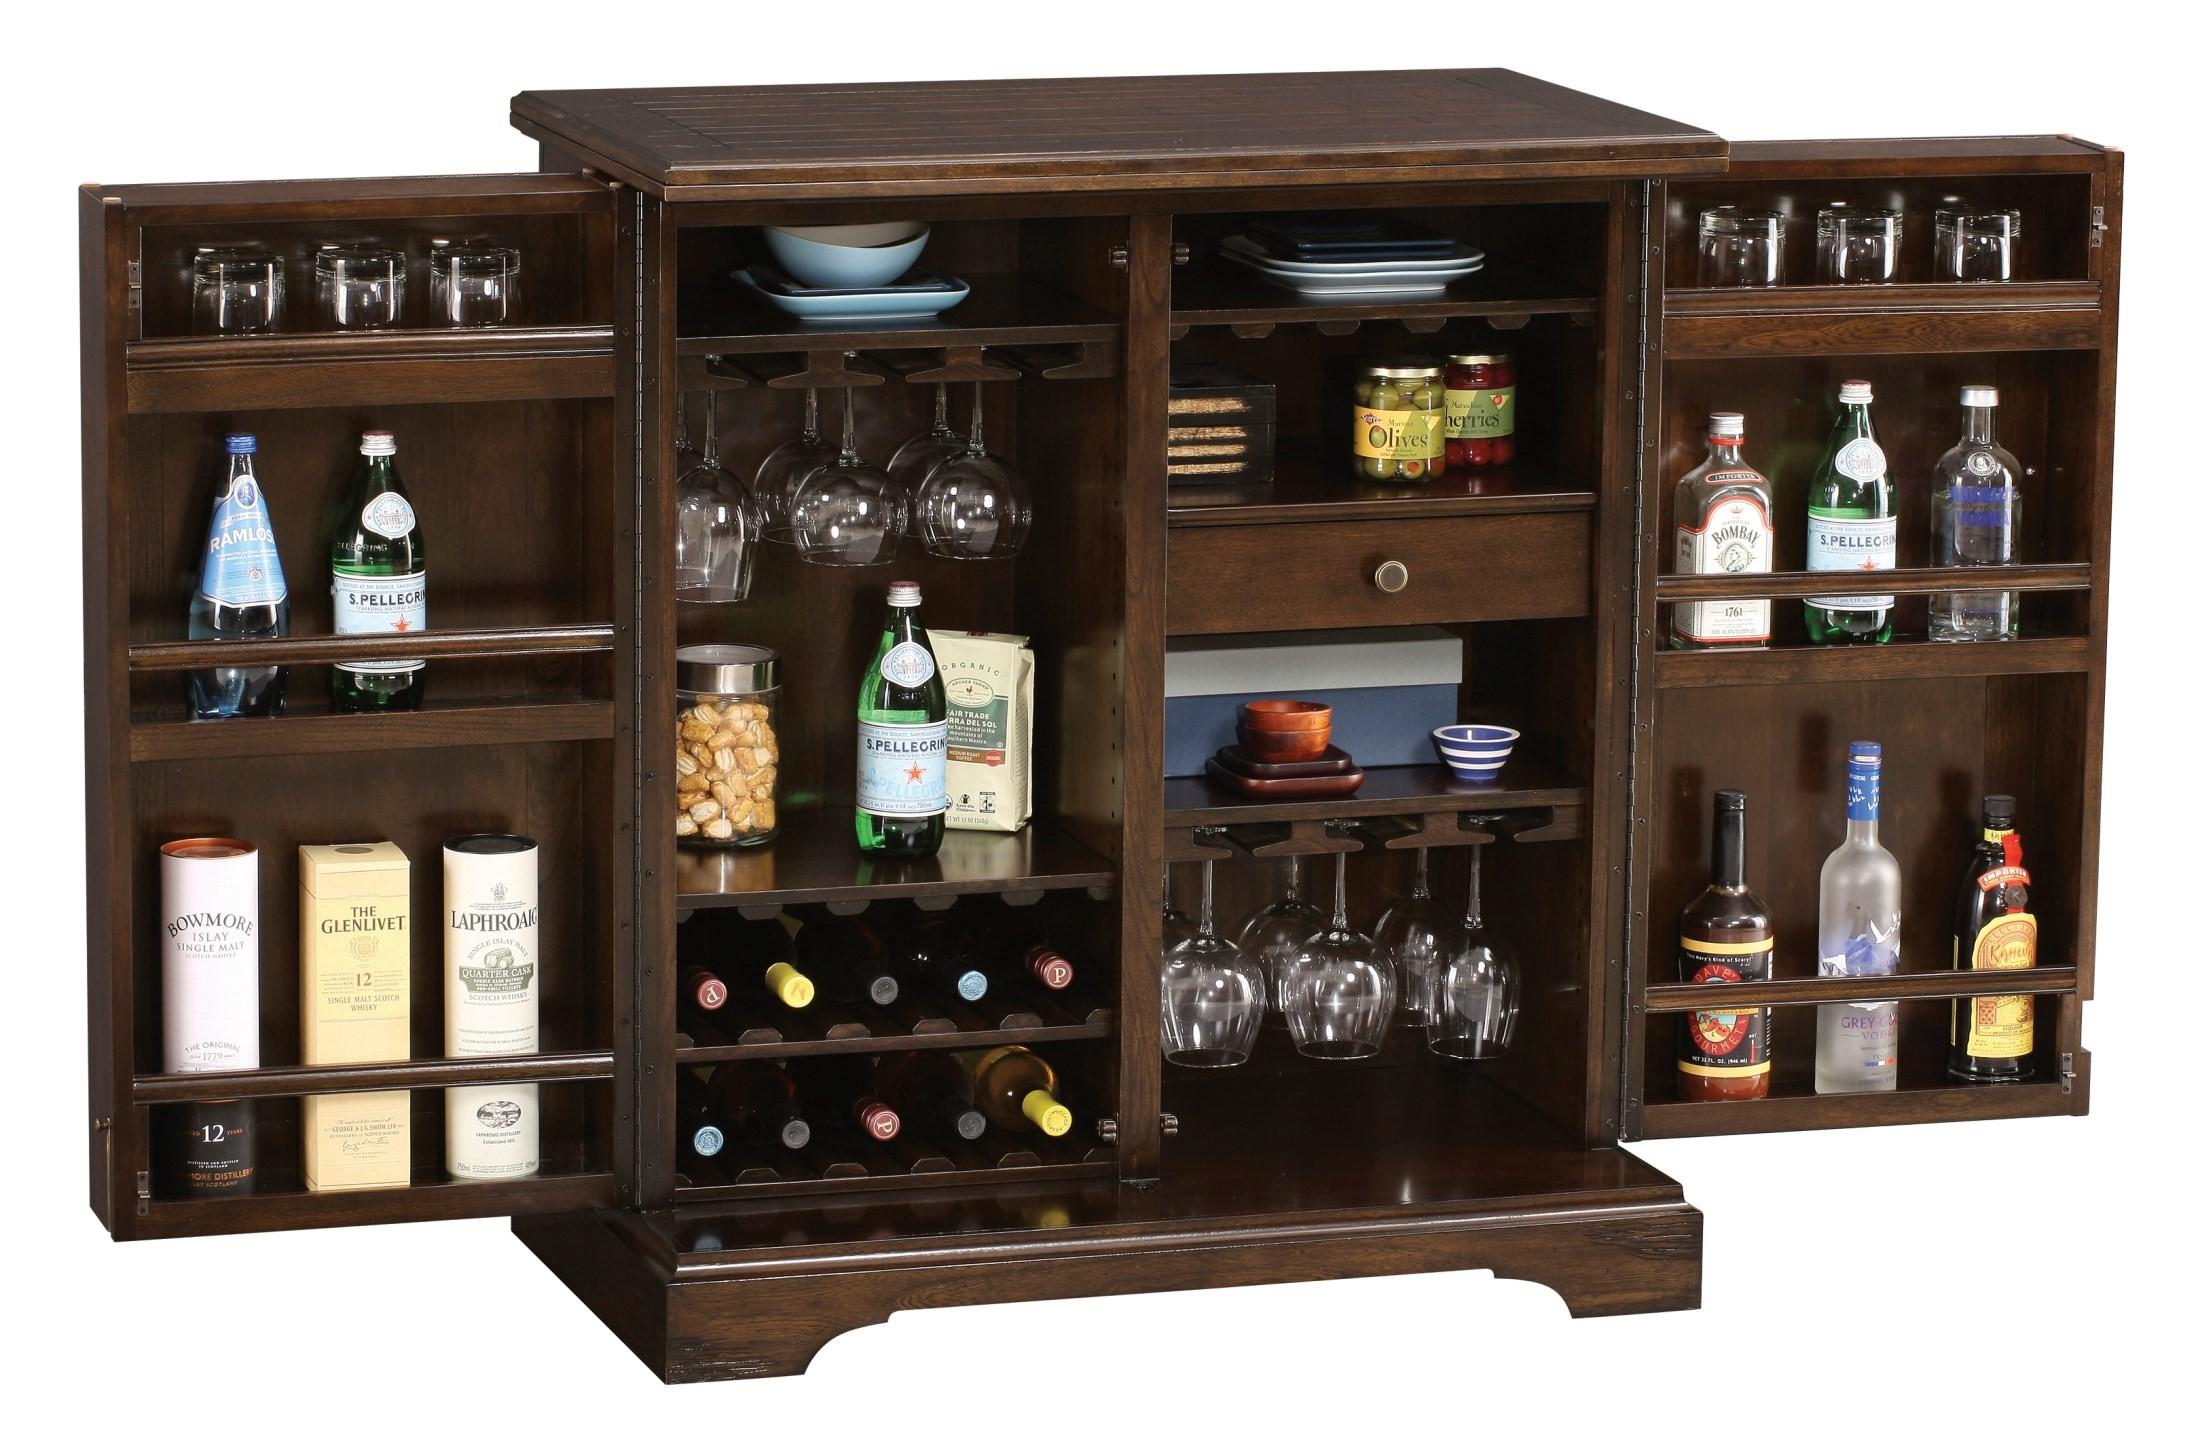 benmore valley wine bar cabinet from howard miller. Black Bedroom Furniture Sets. Home Design Ideas